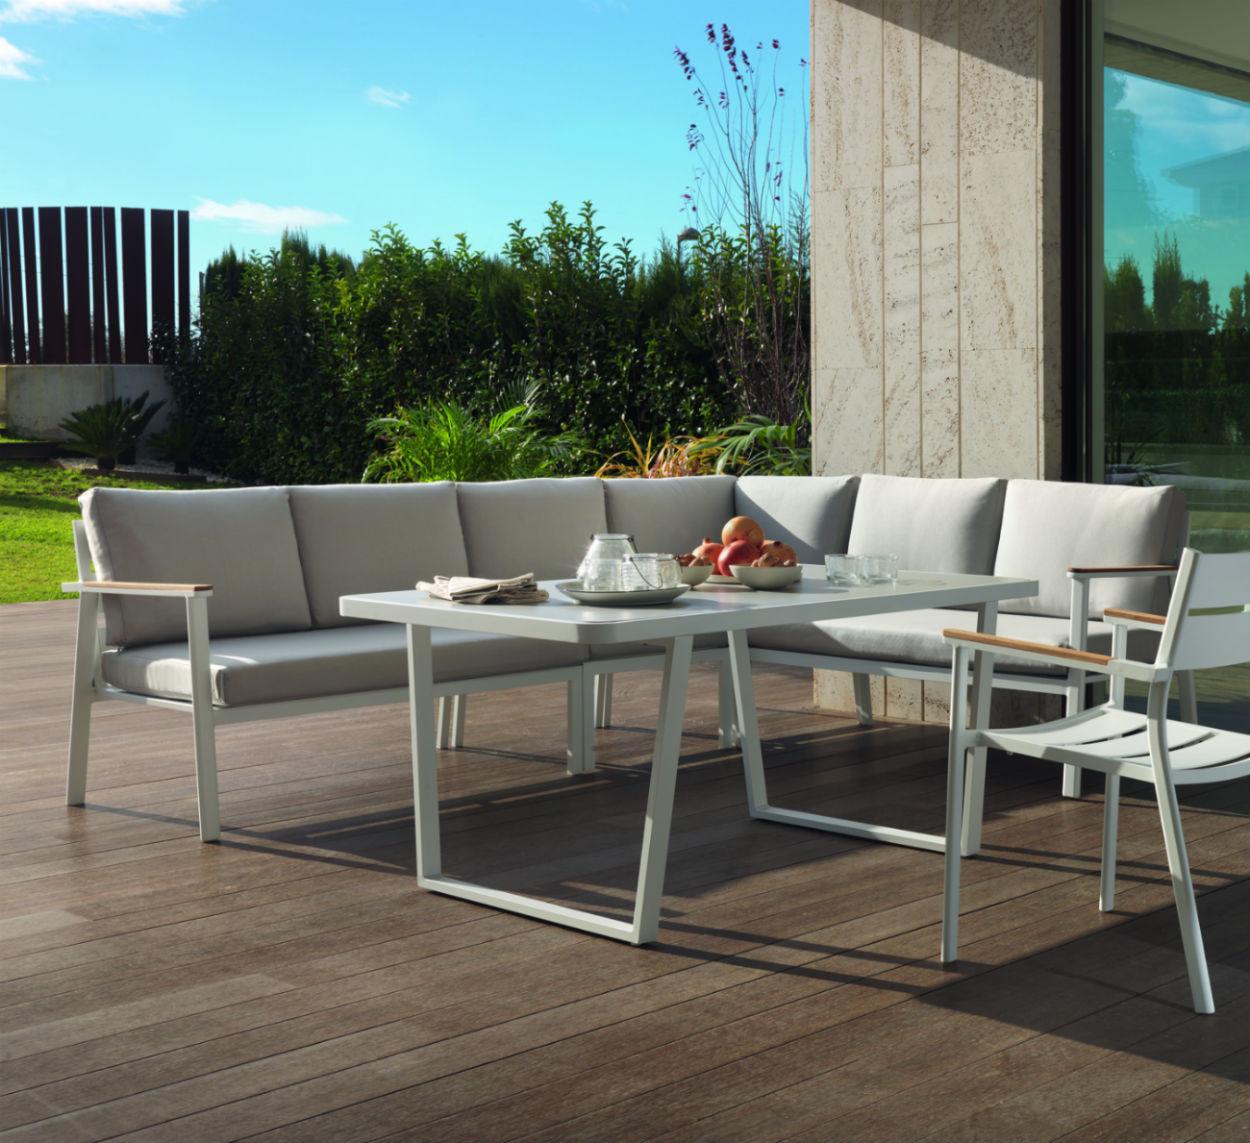 salon de jardin d angle dinatoire en aluminium avec table haute